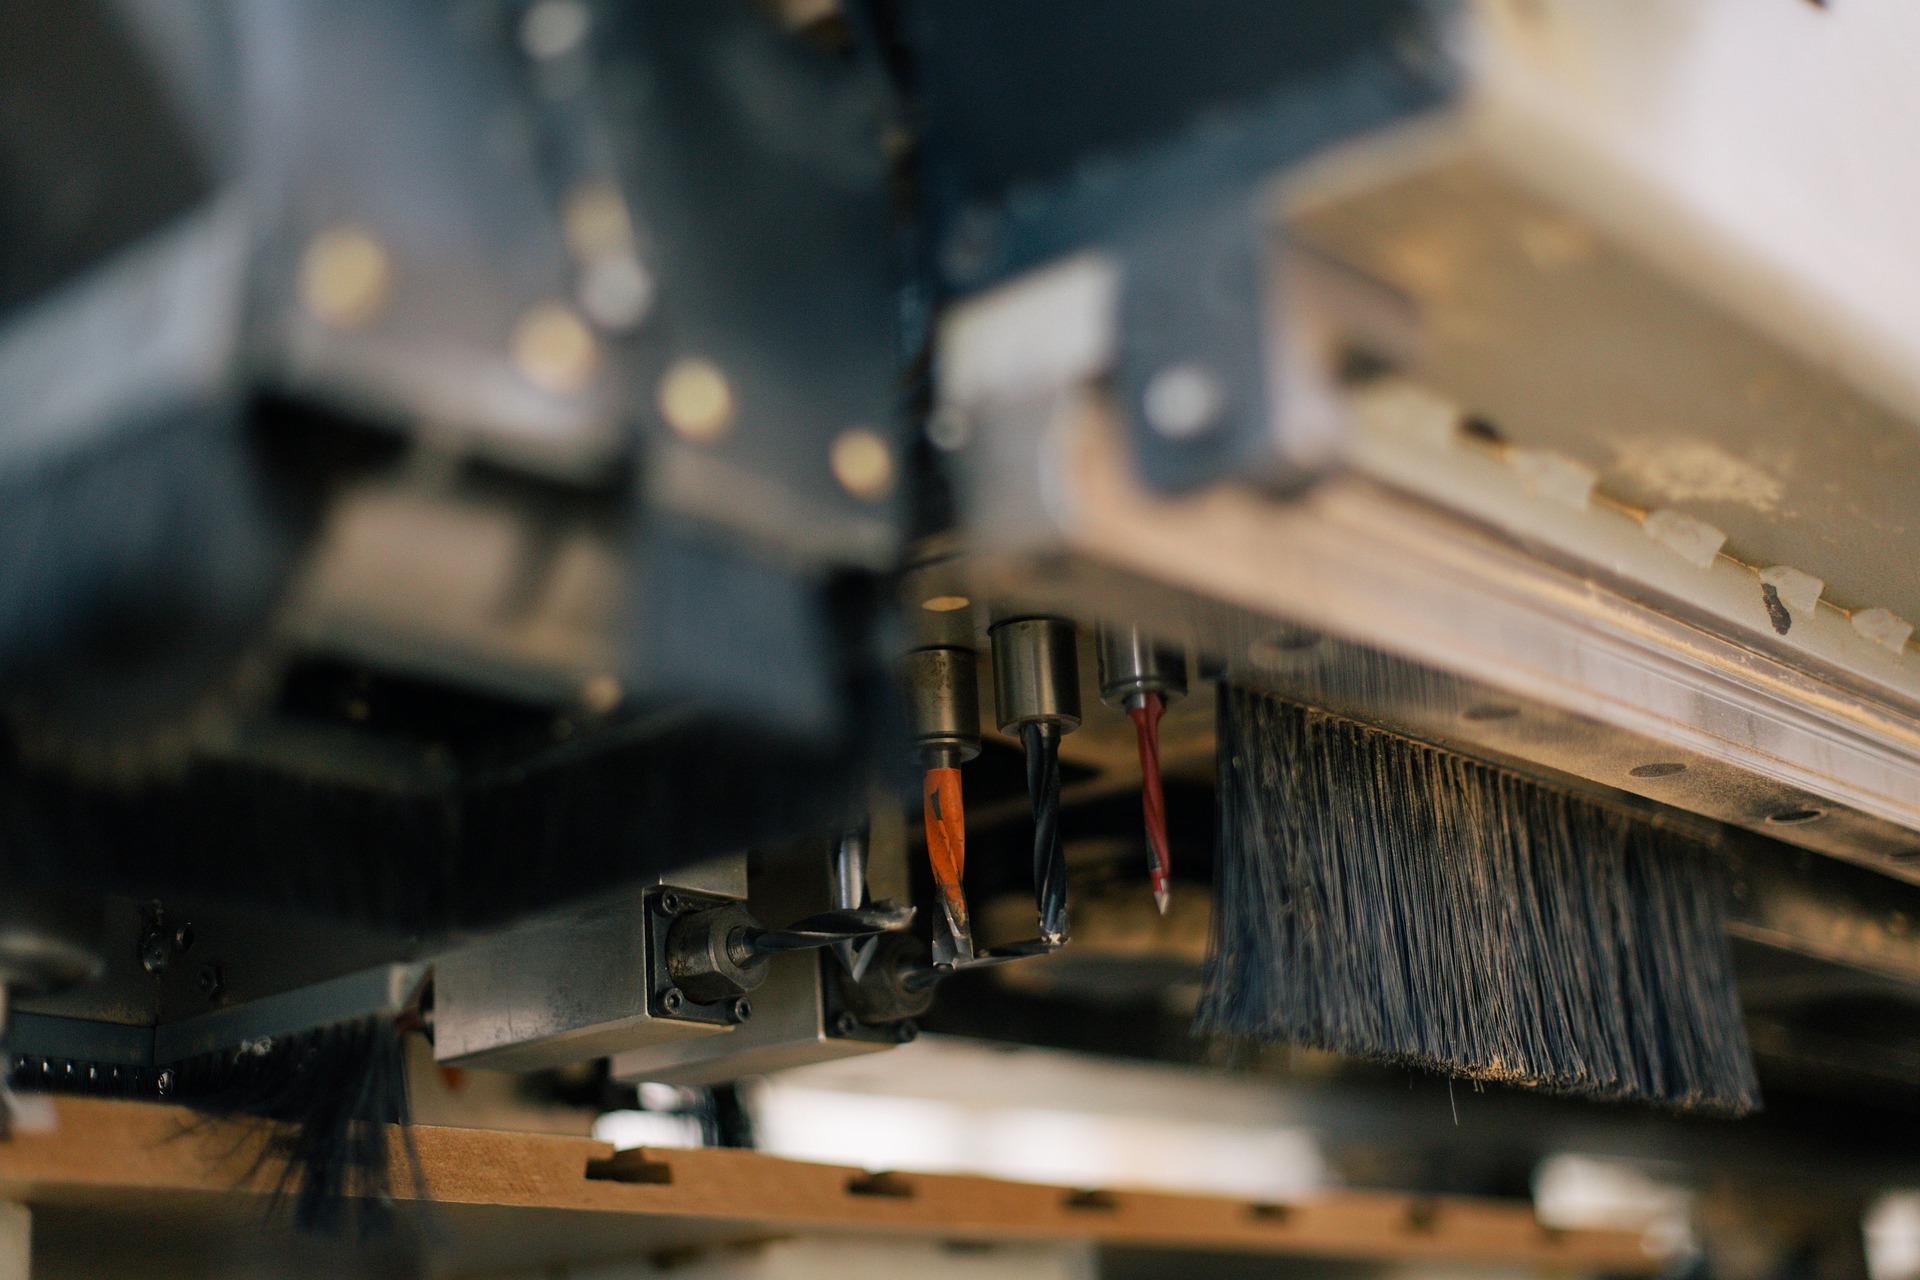 machine-5446222_1920